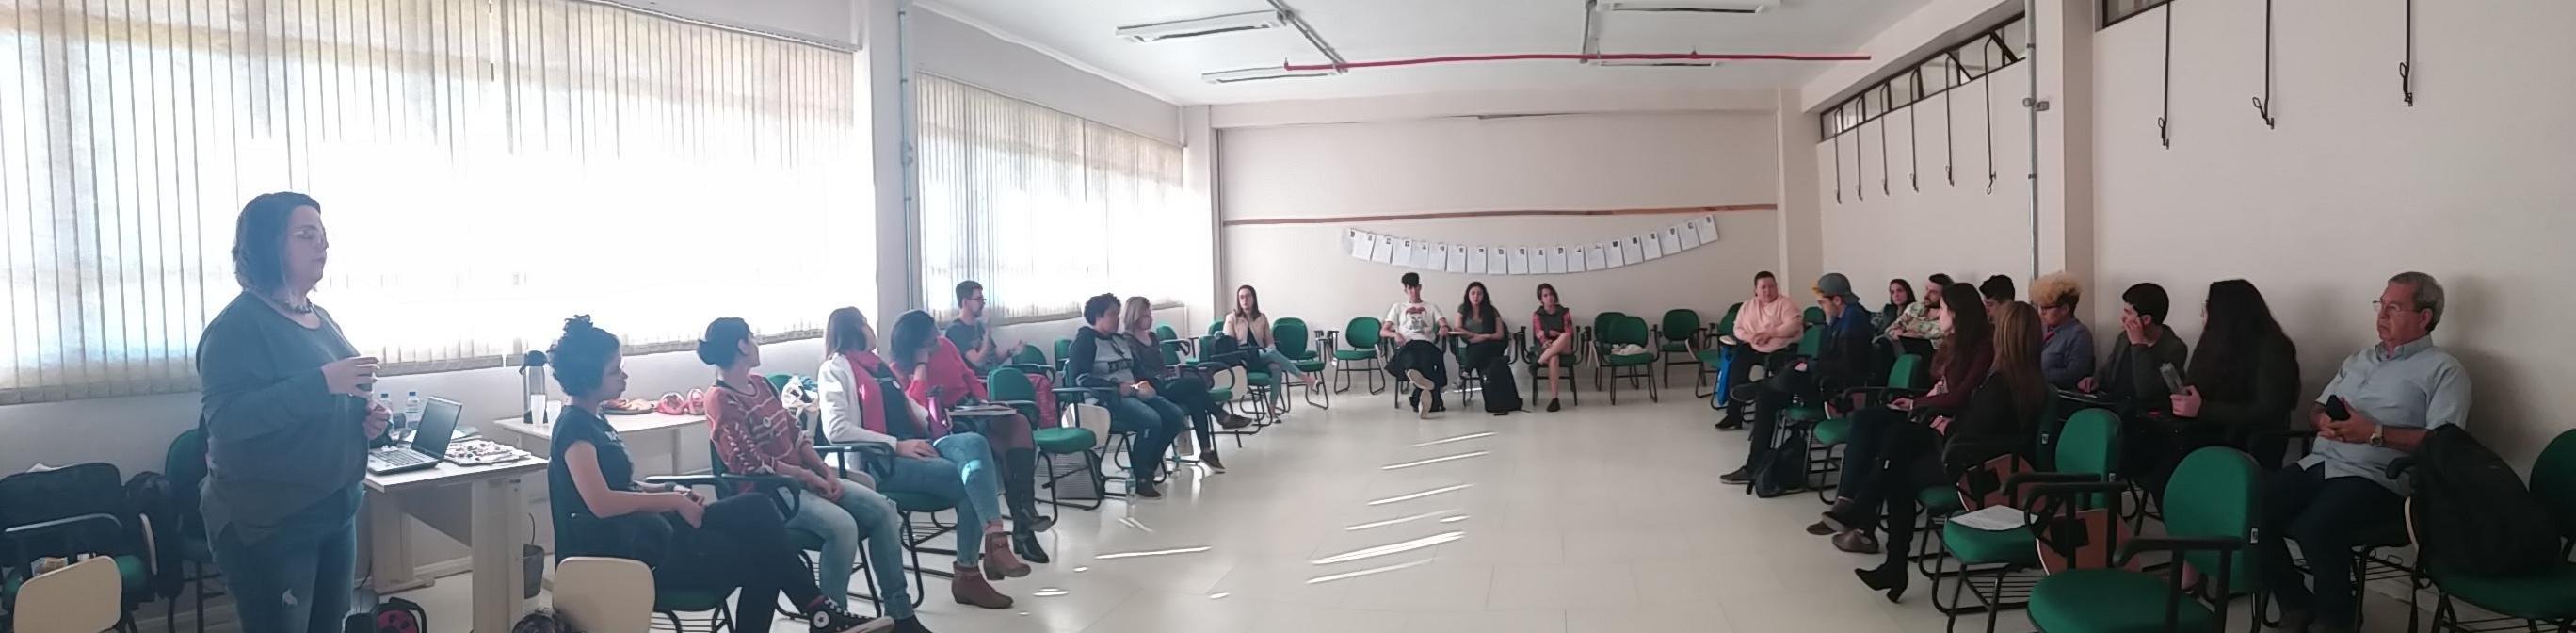 Foto panorâmica de sala com pessoas sentadas organizadas em semicírculo para discussão em grupo